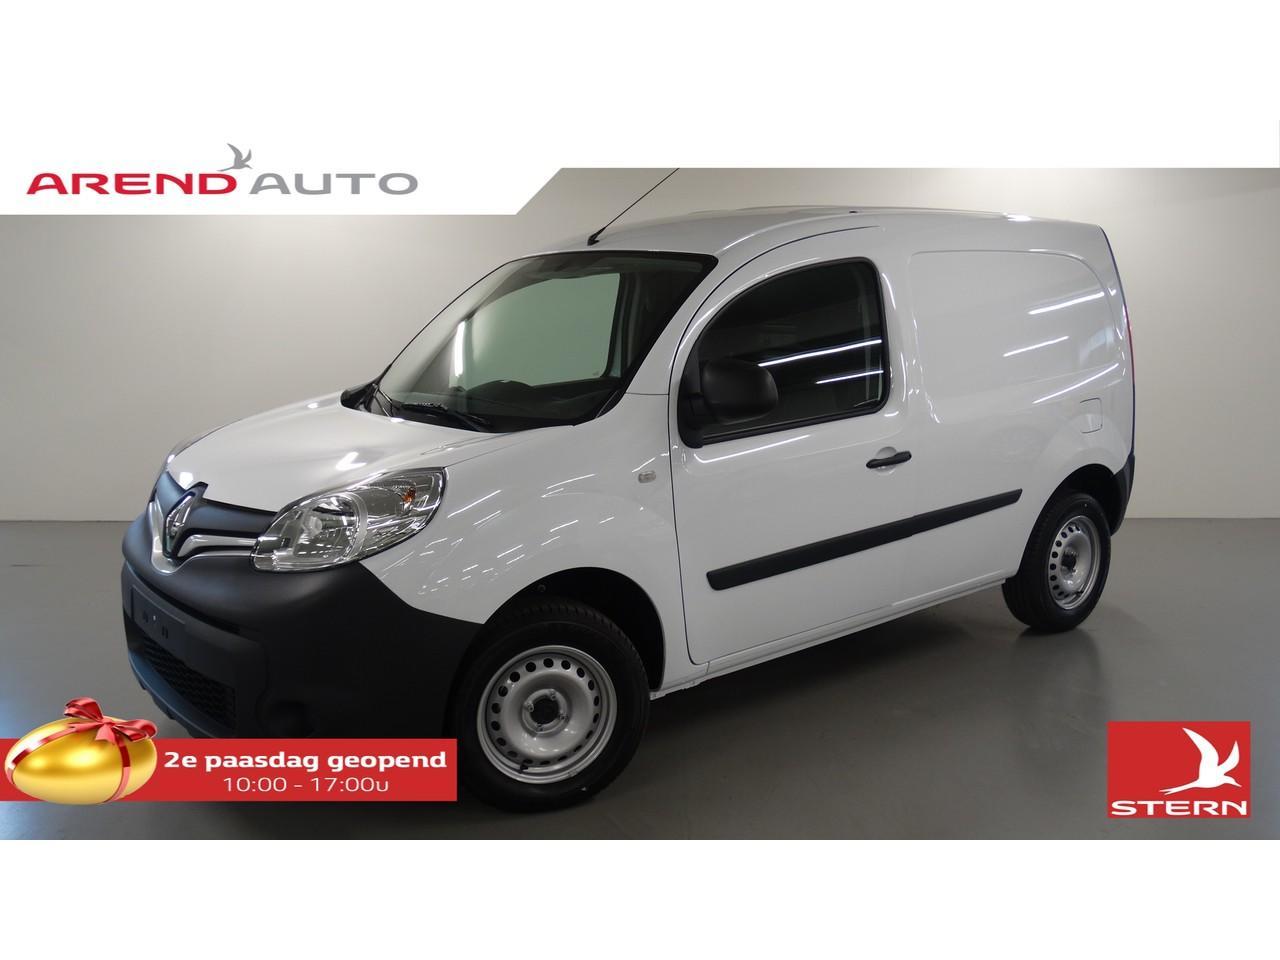 Renault Kangoo 75 pk airco radio €4.127,20.- korting!